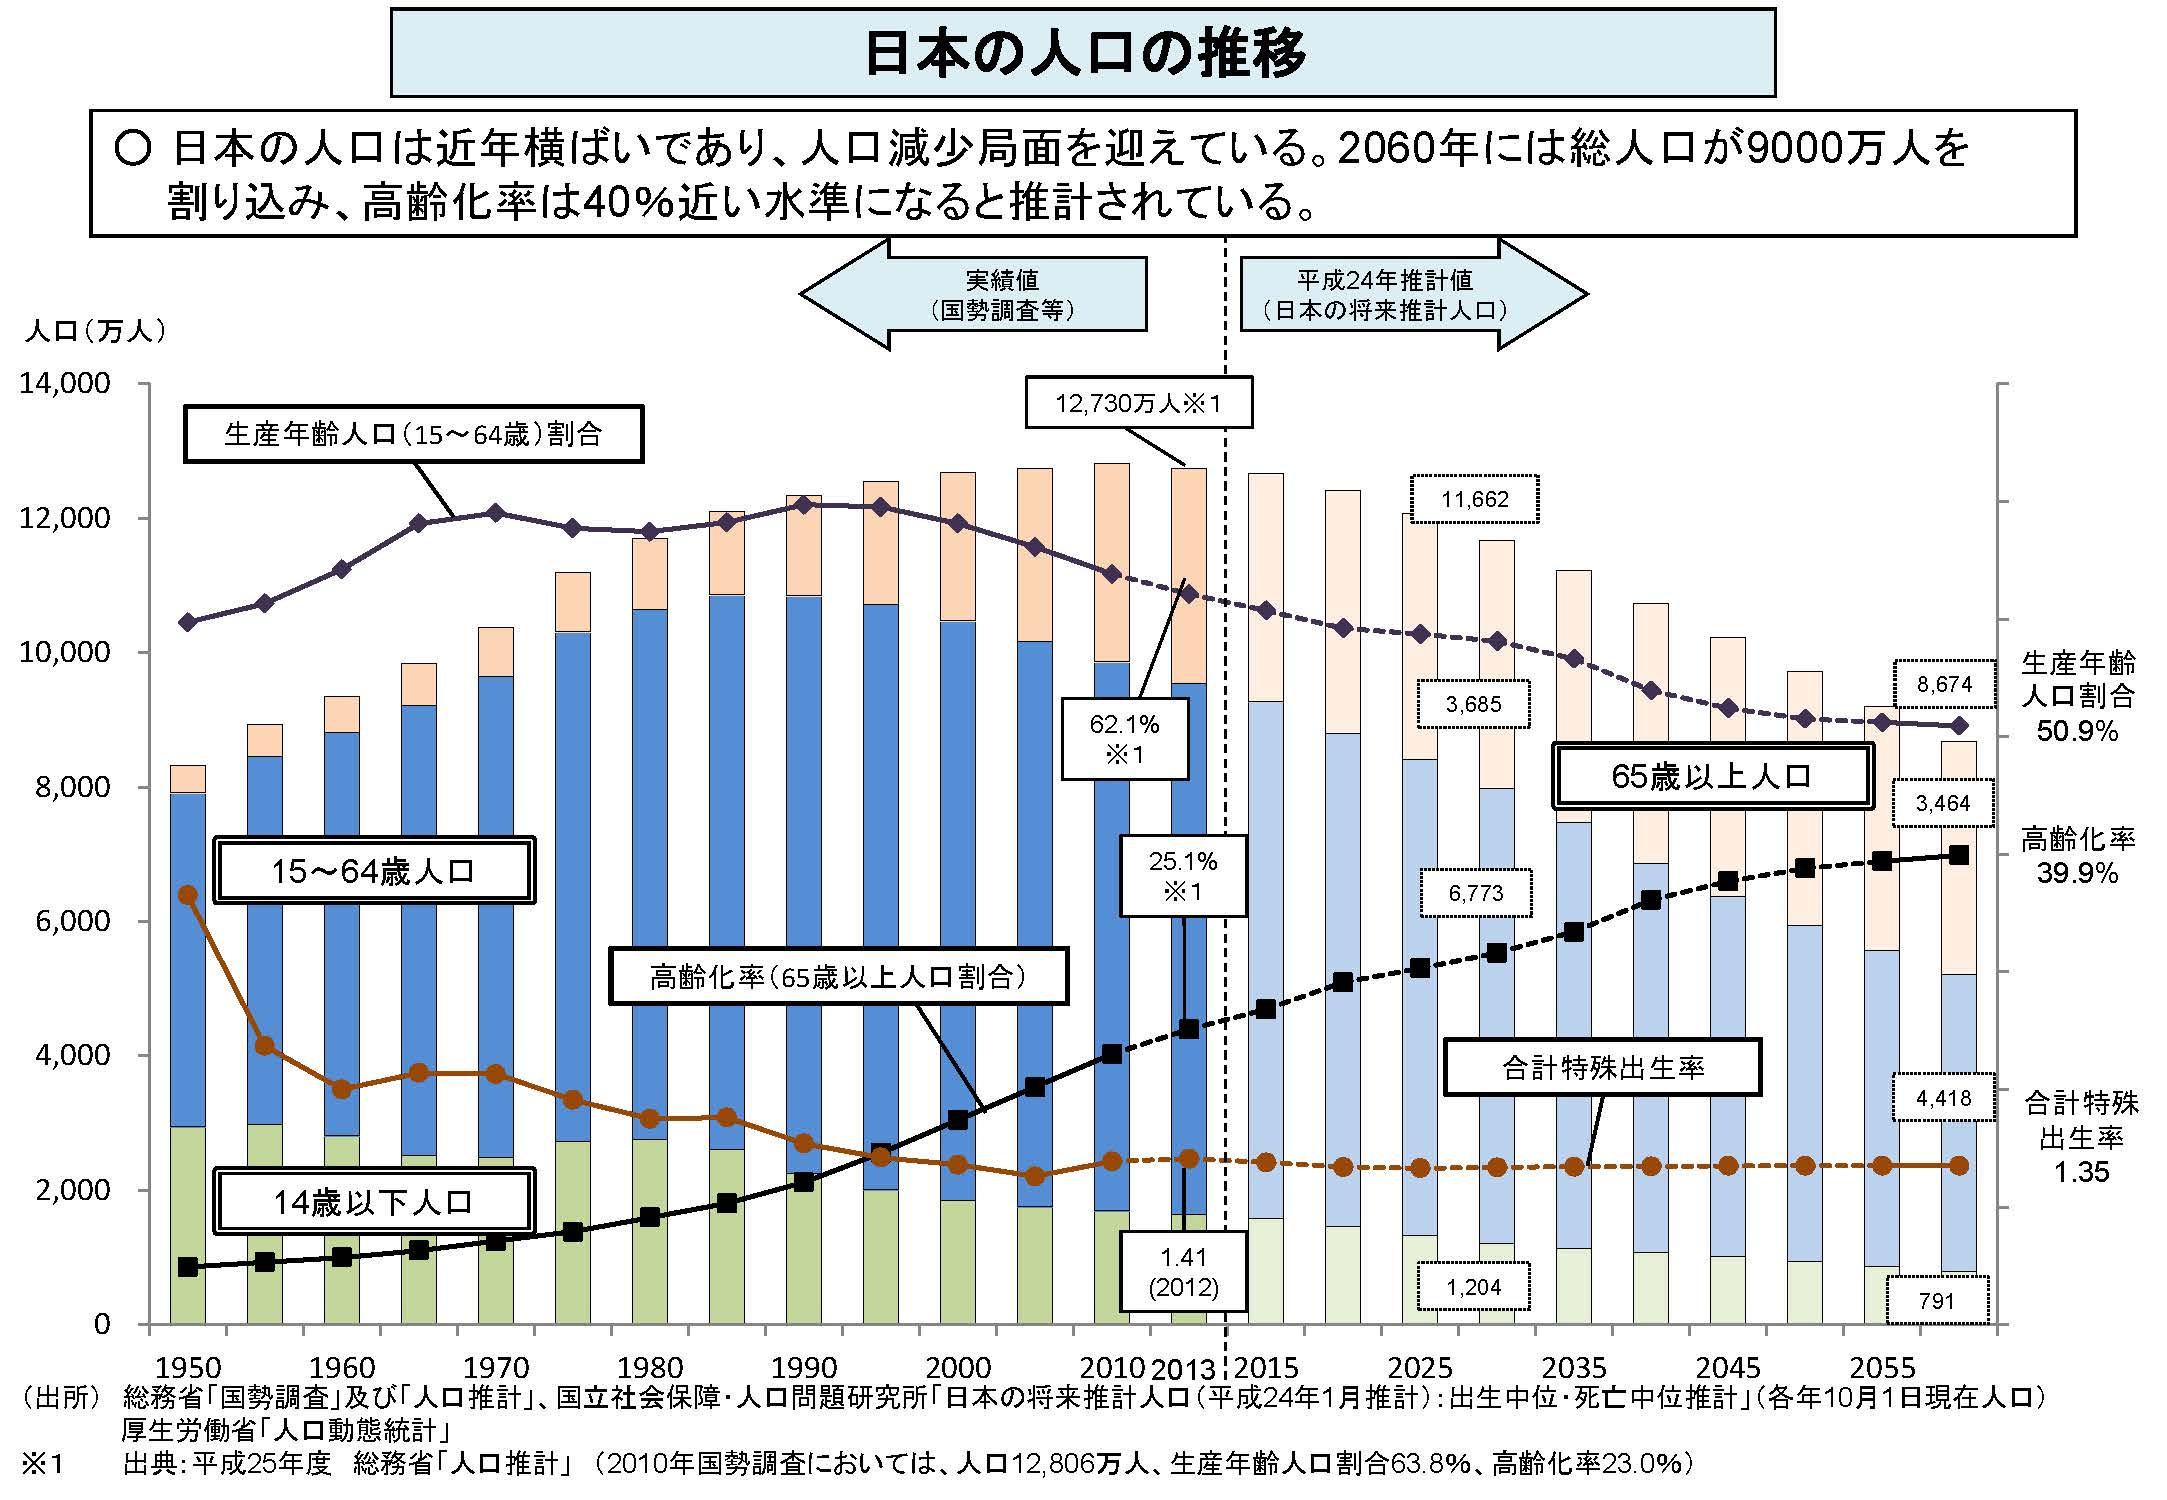 日本の人口の推移 - 厚生労働省